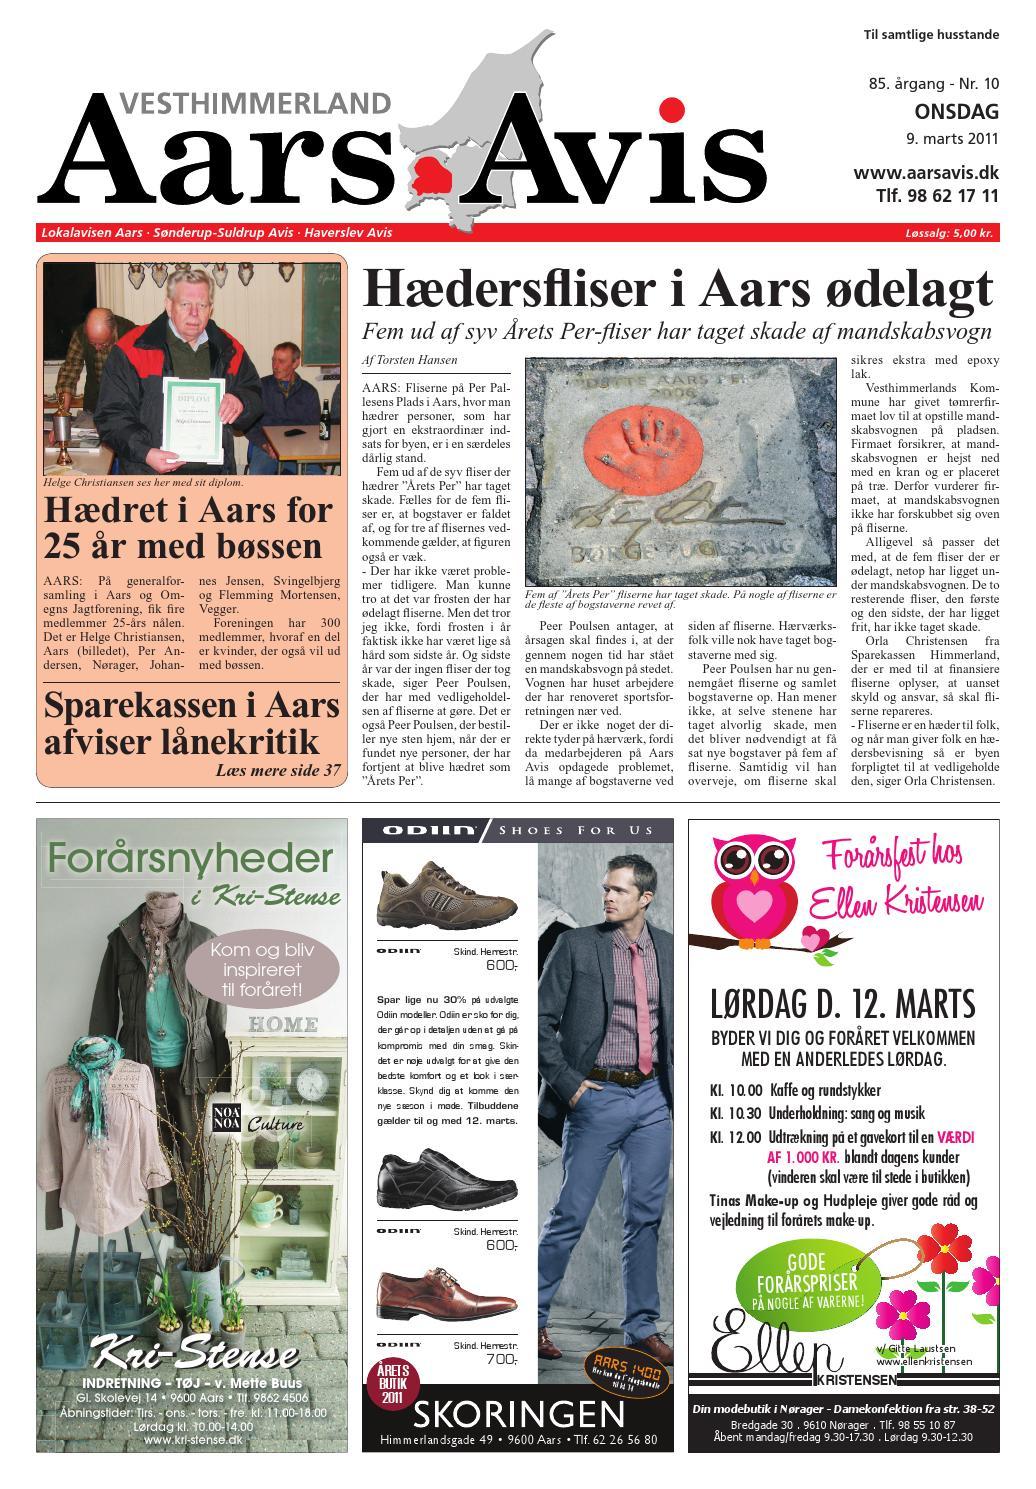 be56f50974a1 Aars avis 2011 03 09 by Aars Avis - issuu